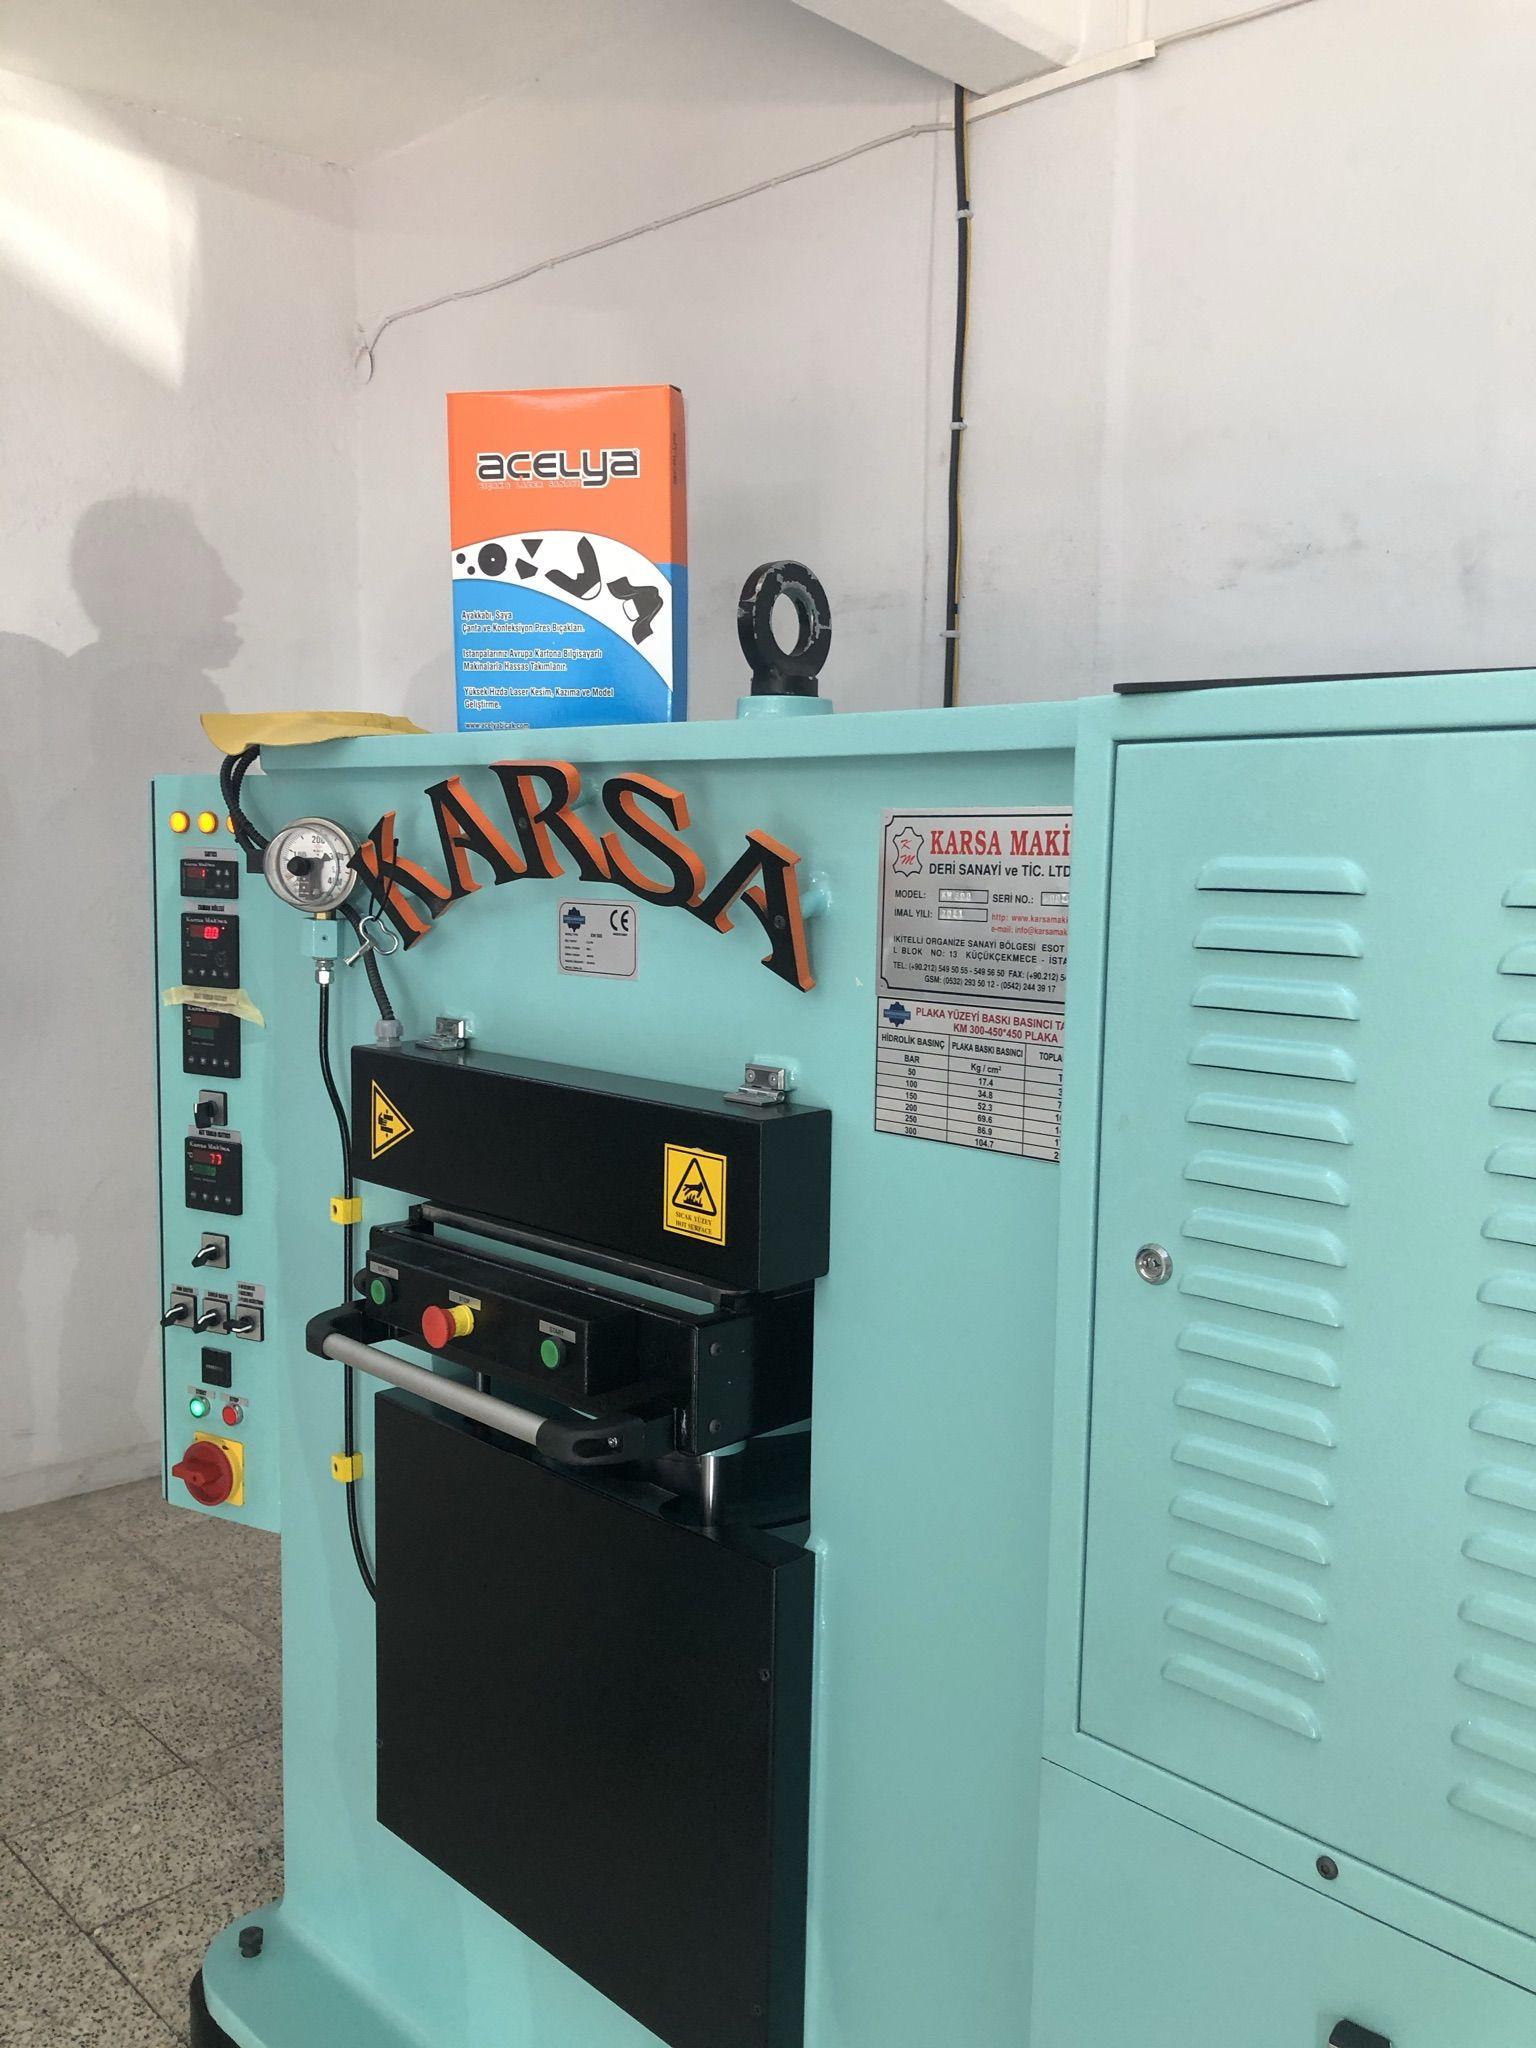 Karsa Deri İşleme Makinaları